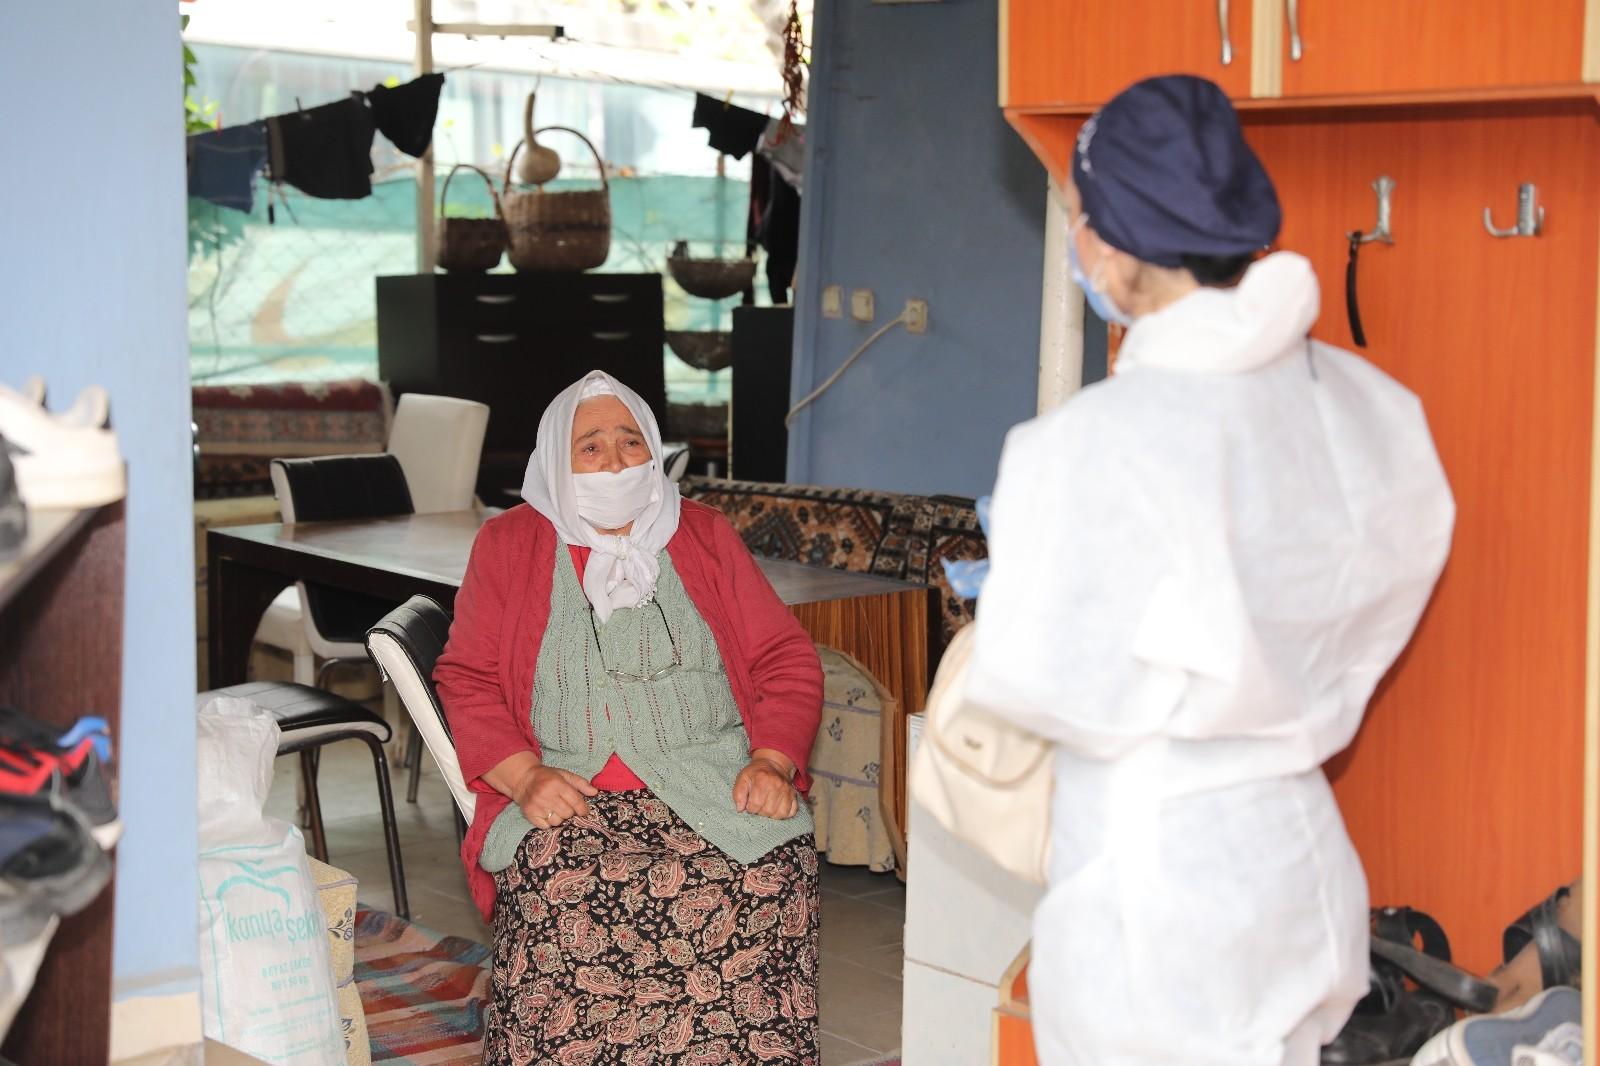 Antalya'da kronik rahatsızlığı olanlara evde sağlık hizmeti